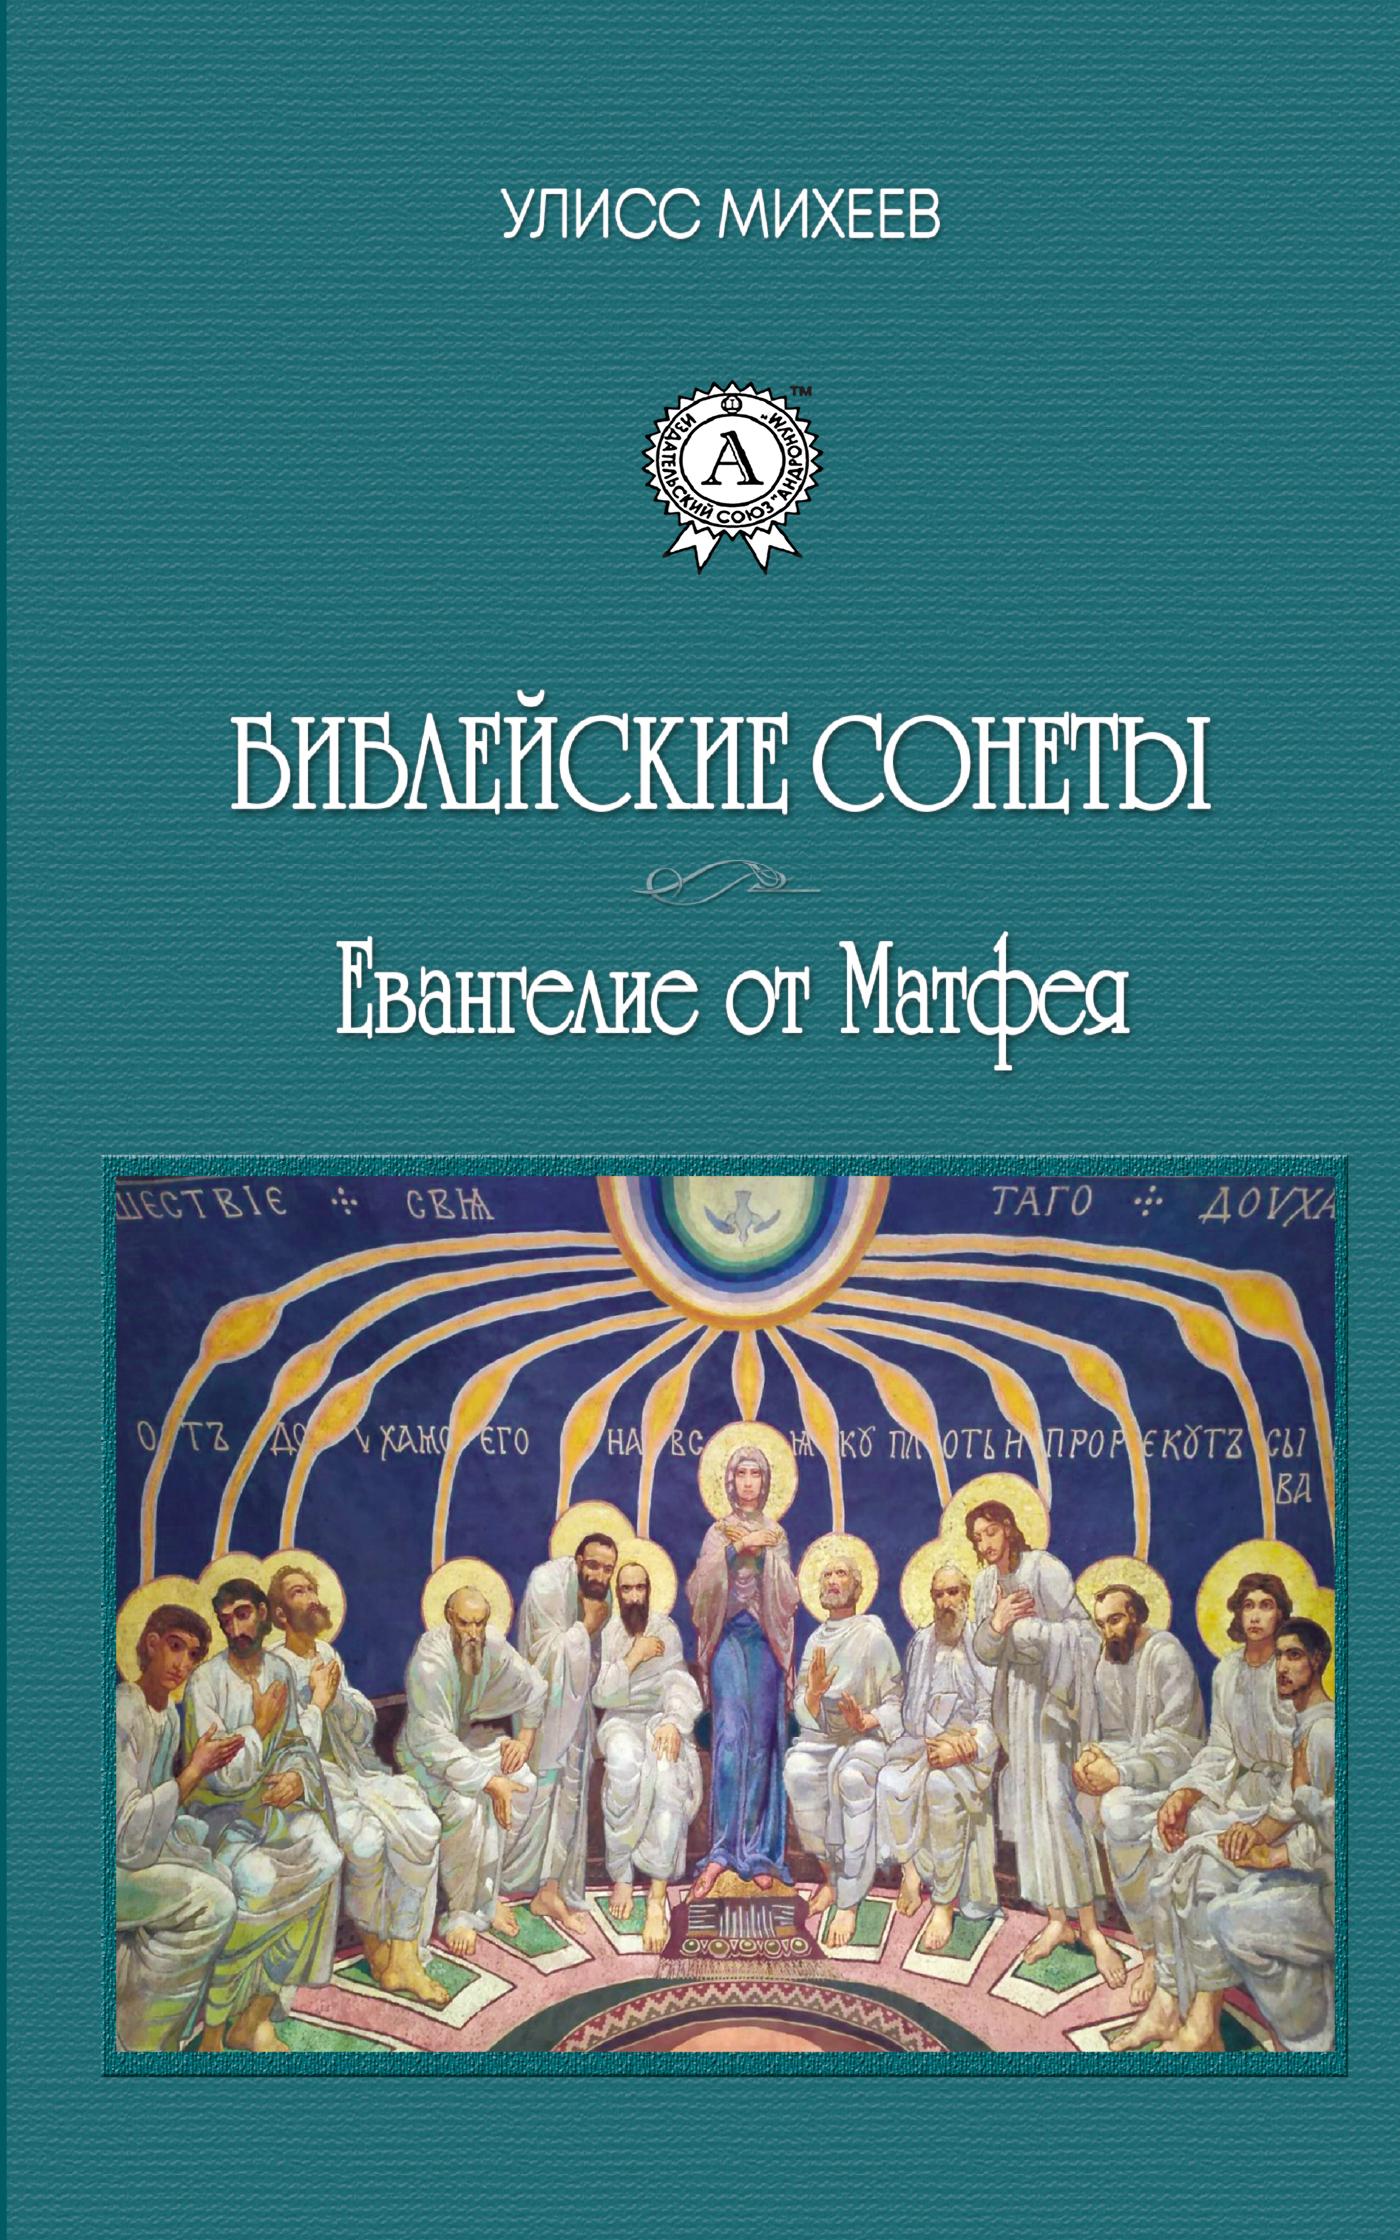 Купить книгу Библейские Сонеты. Евангелие от Матфея, автора Улисса Михеева